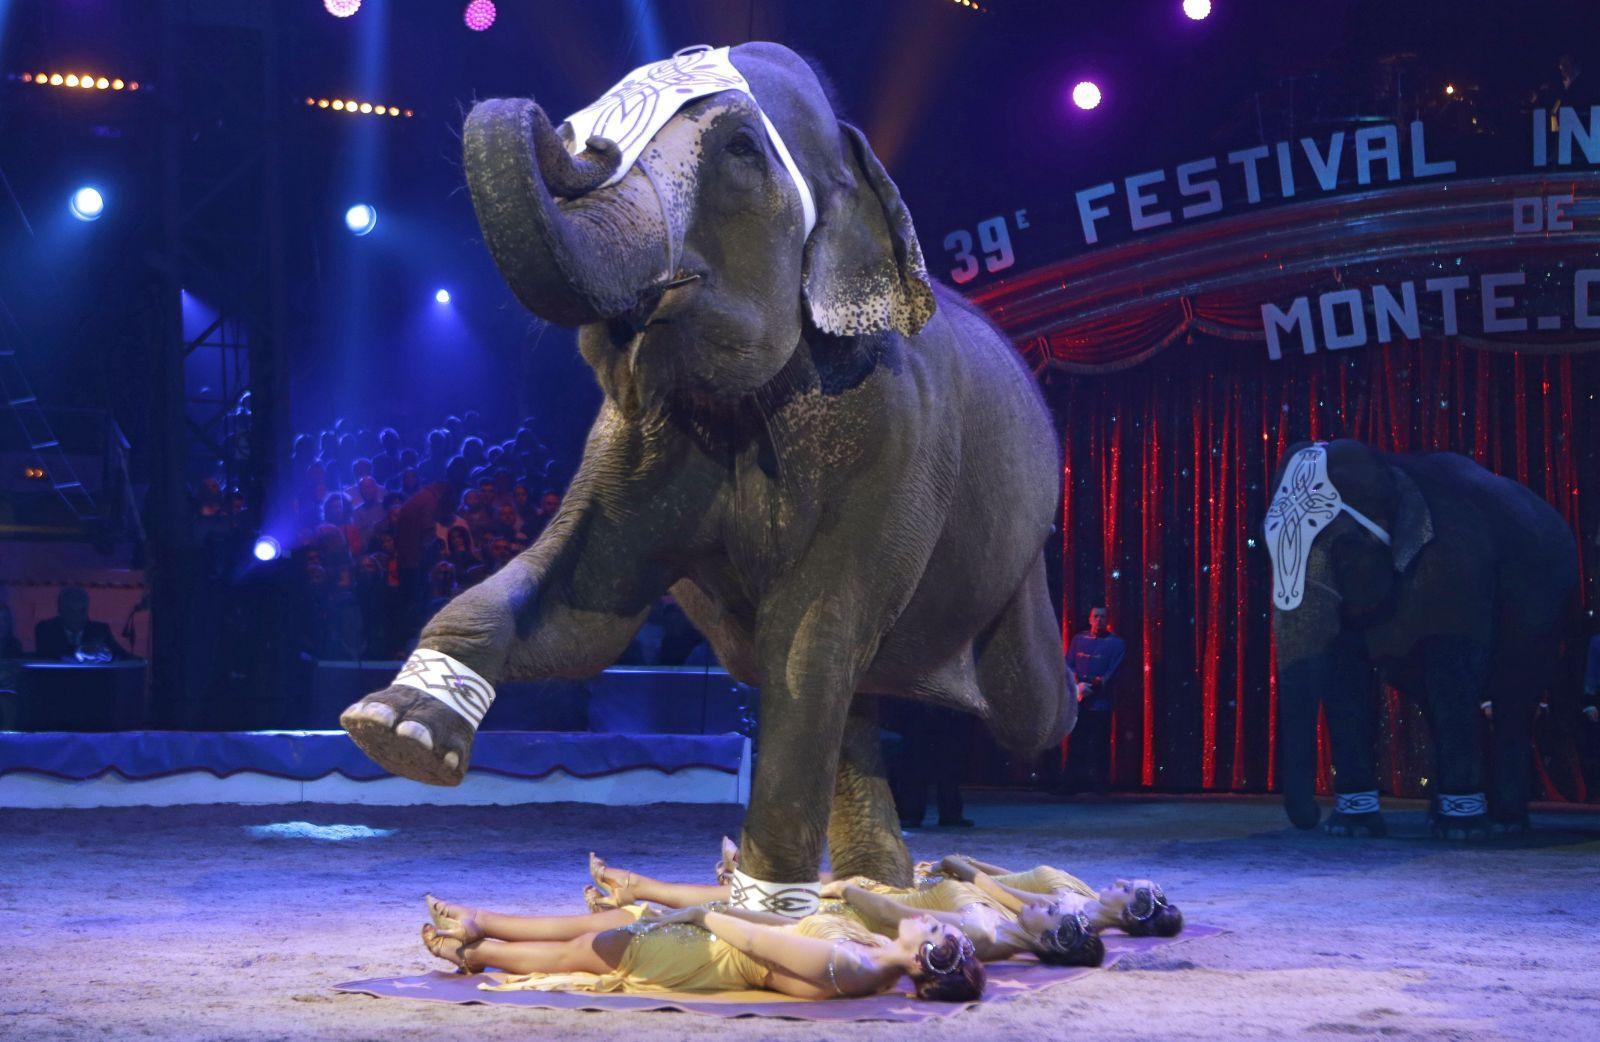 Francúzsko chce zakázať používanie divokých zvierat v cirkusoch. Vláda tiež plánuje skoncovať s norkovými farmami